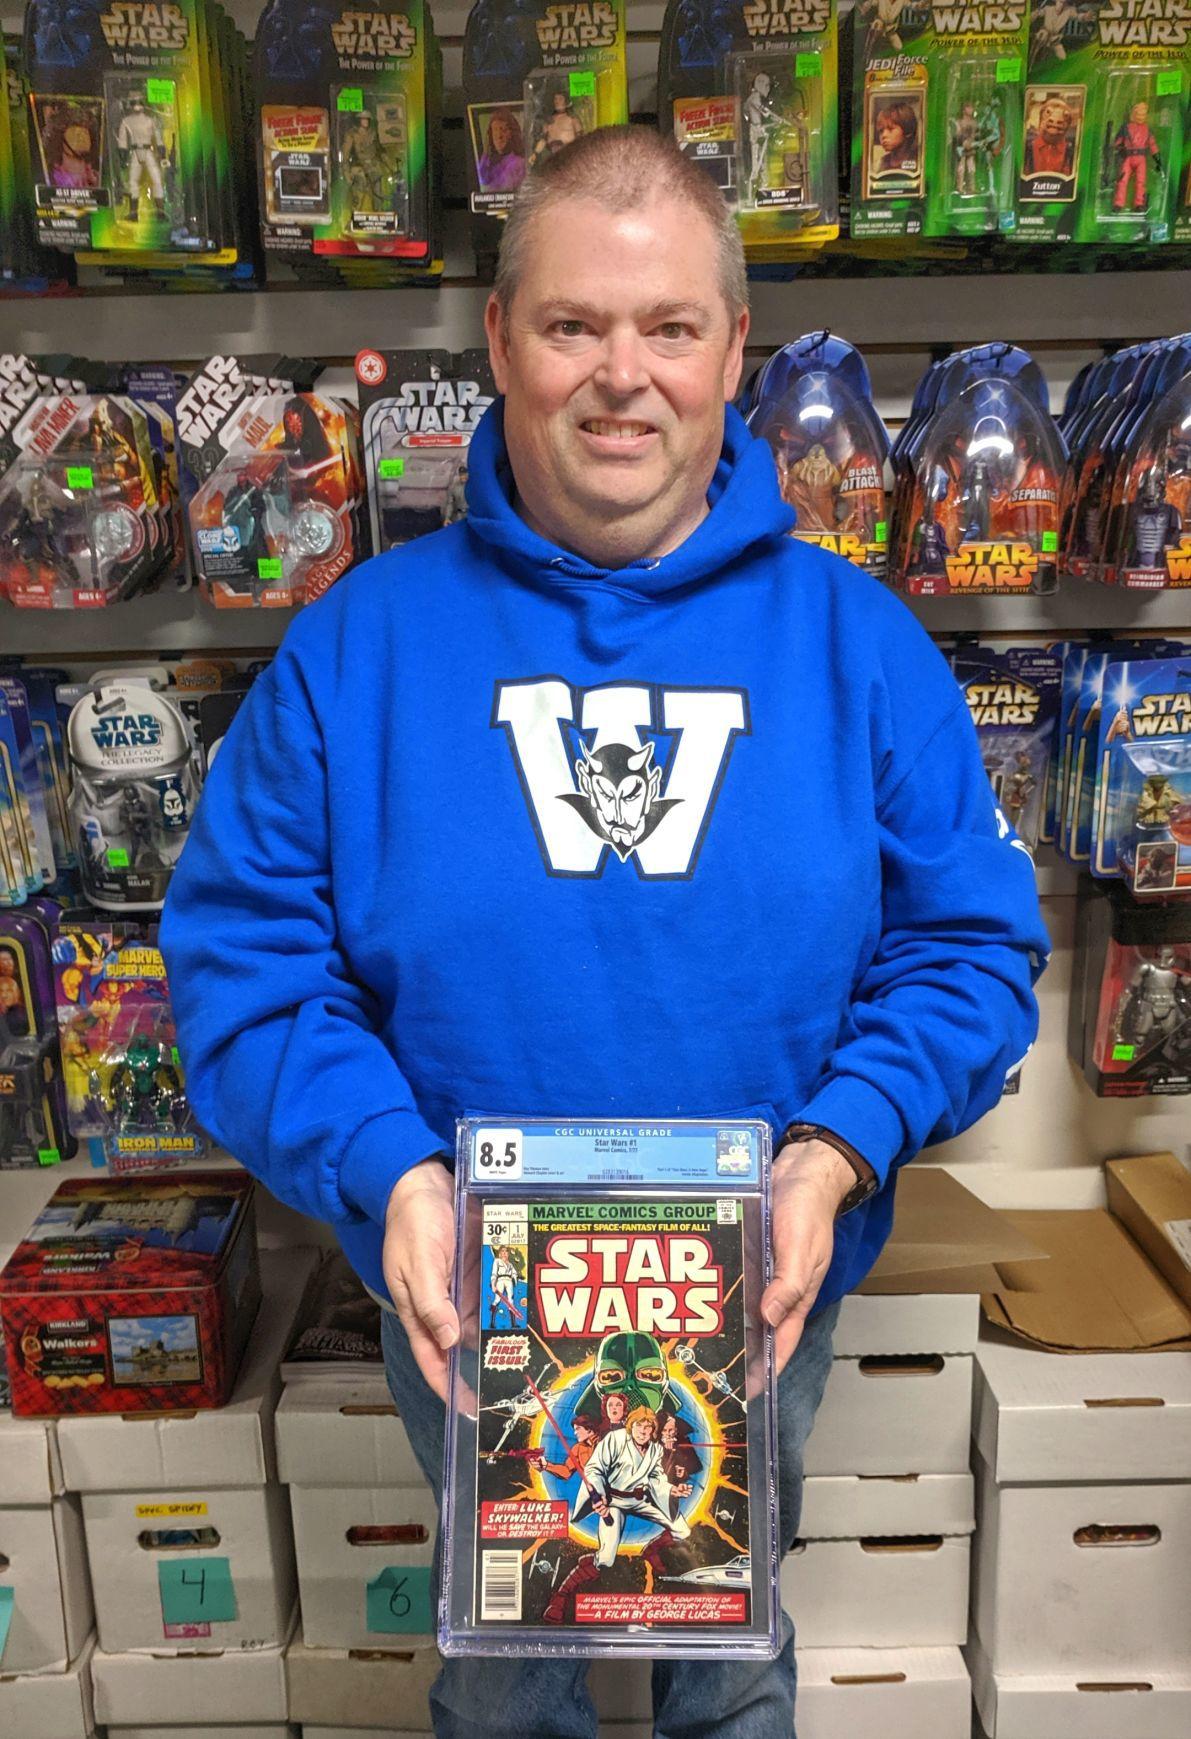 Jeff Watson Star Wars fan